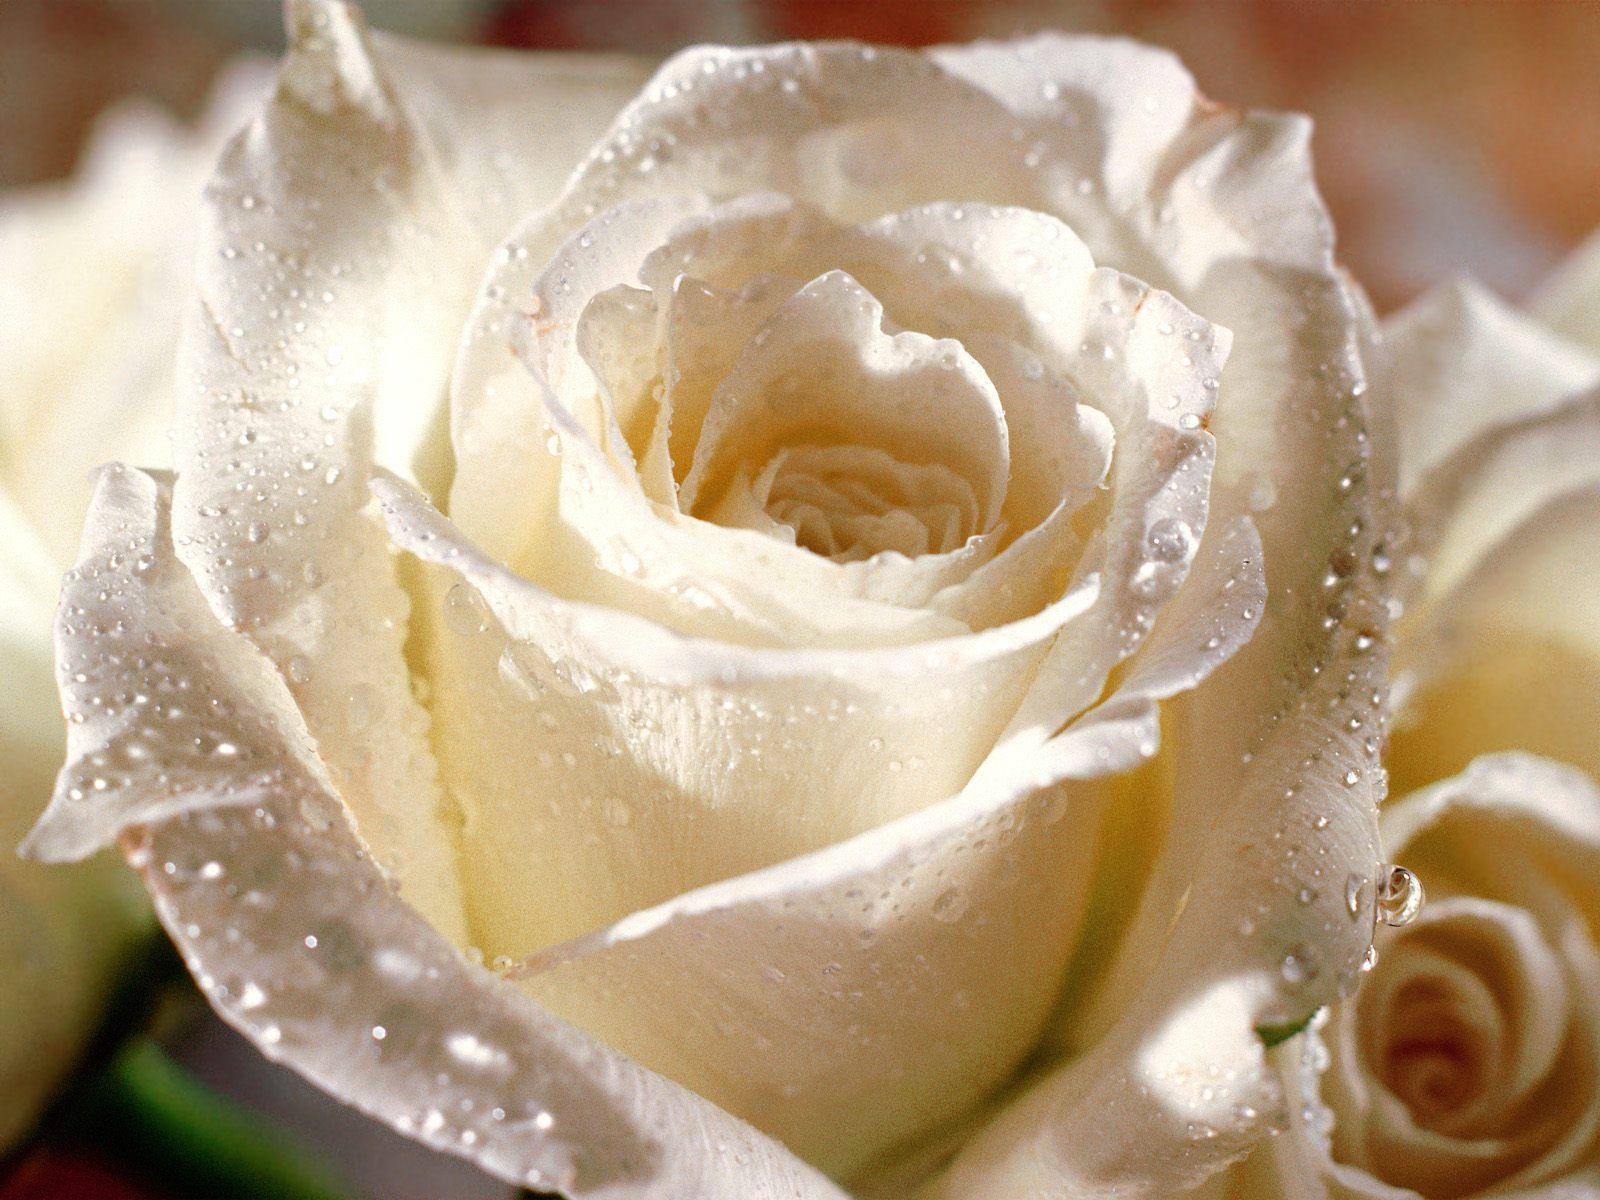 بالصور تنزيل صور ورد , الورد وجماله وابرازه فى صورة جميله 1657 1